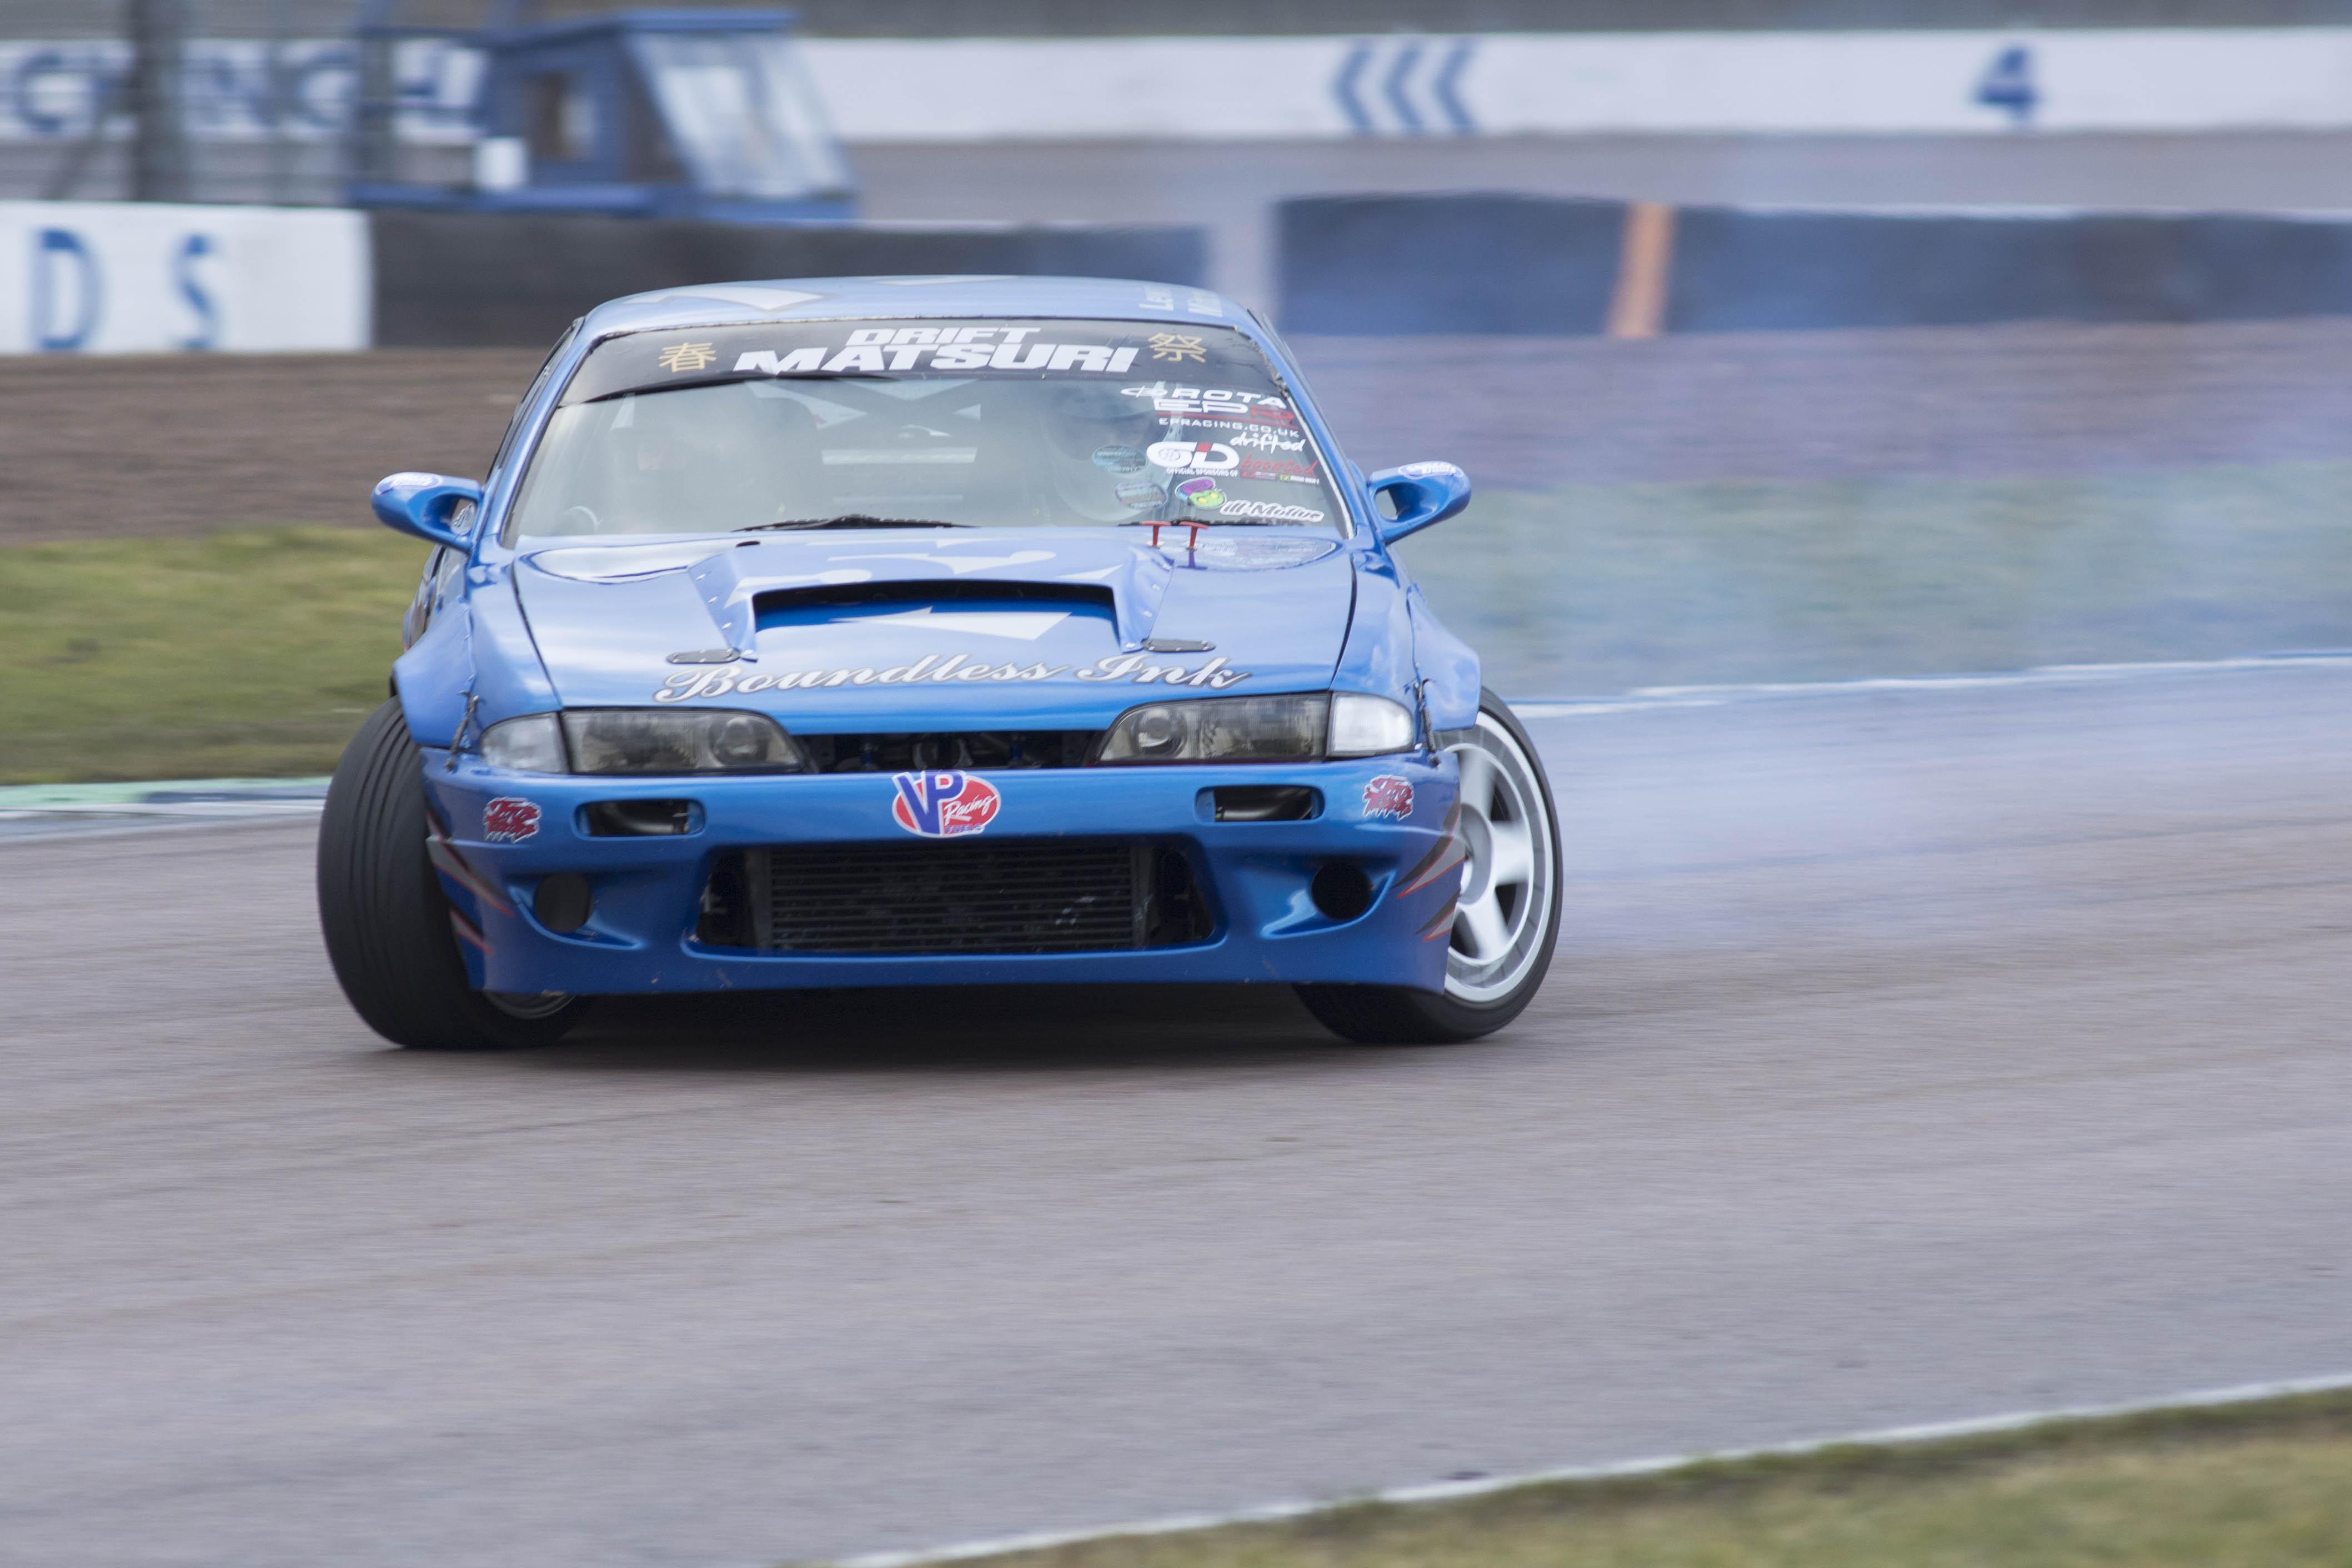 Blue Matsuri drifter